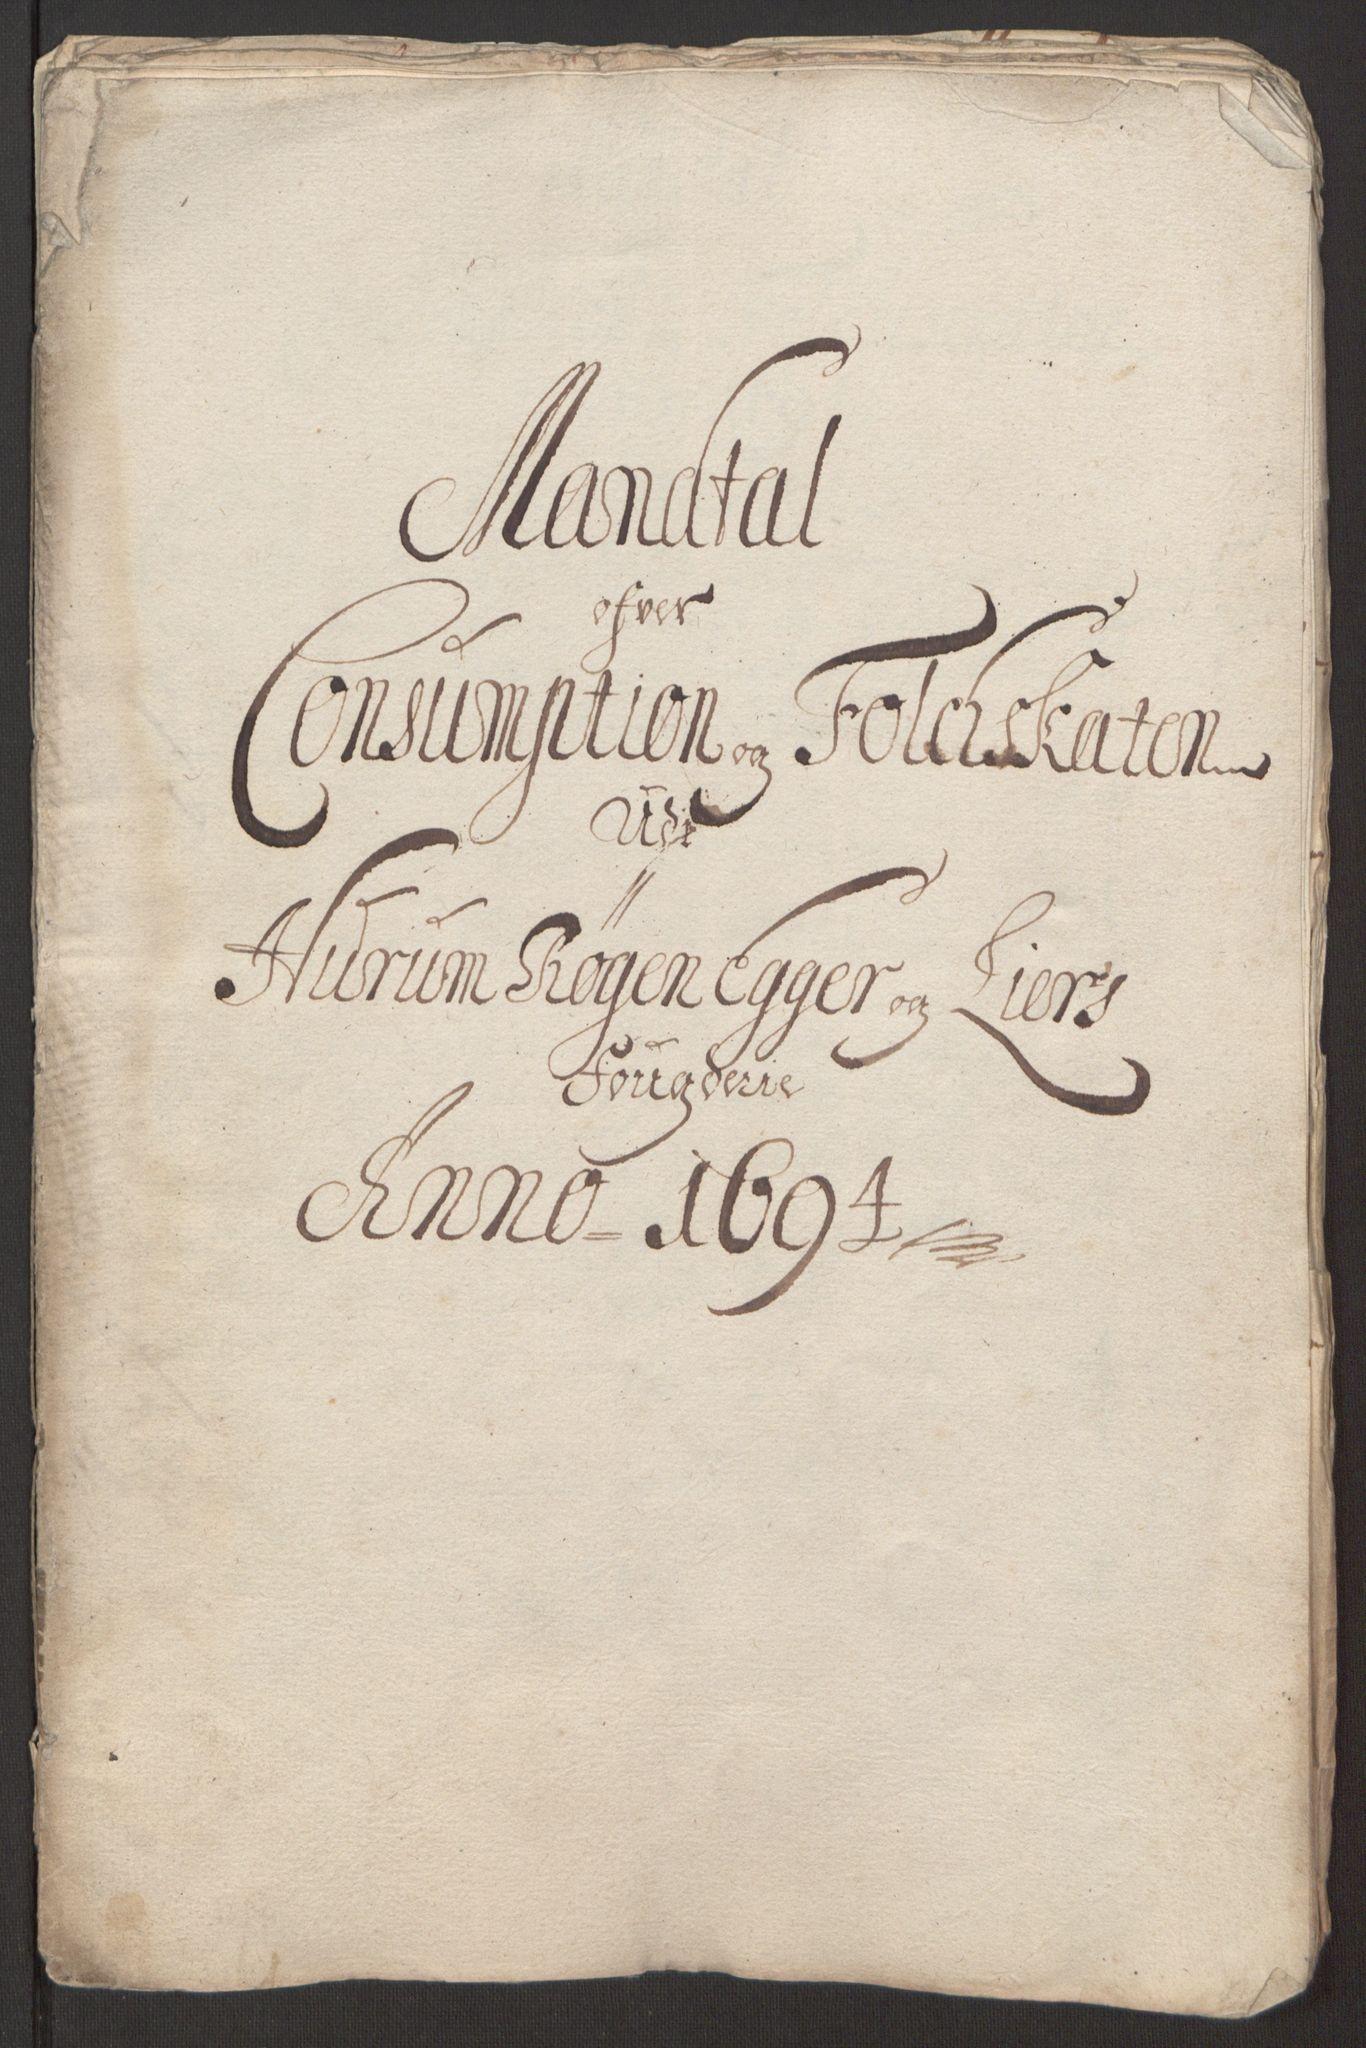 RA, Rentekammeret inntil 1814, Reviderte regnskaper, Fogderegnskap, R30/L1694: Fogderegnskap Hurum, Røyken, Eiker og Lier, 1694-1696, s. 132